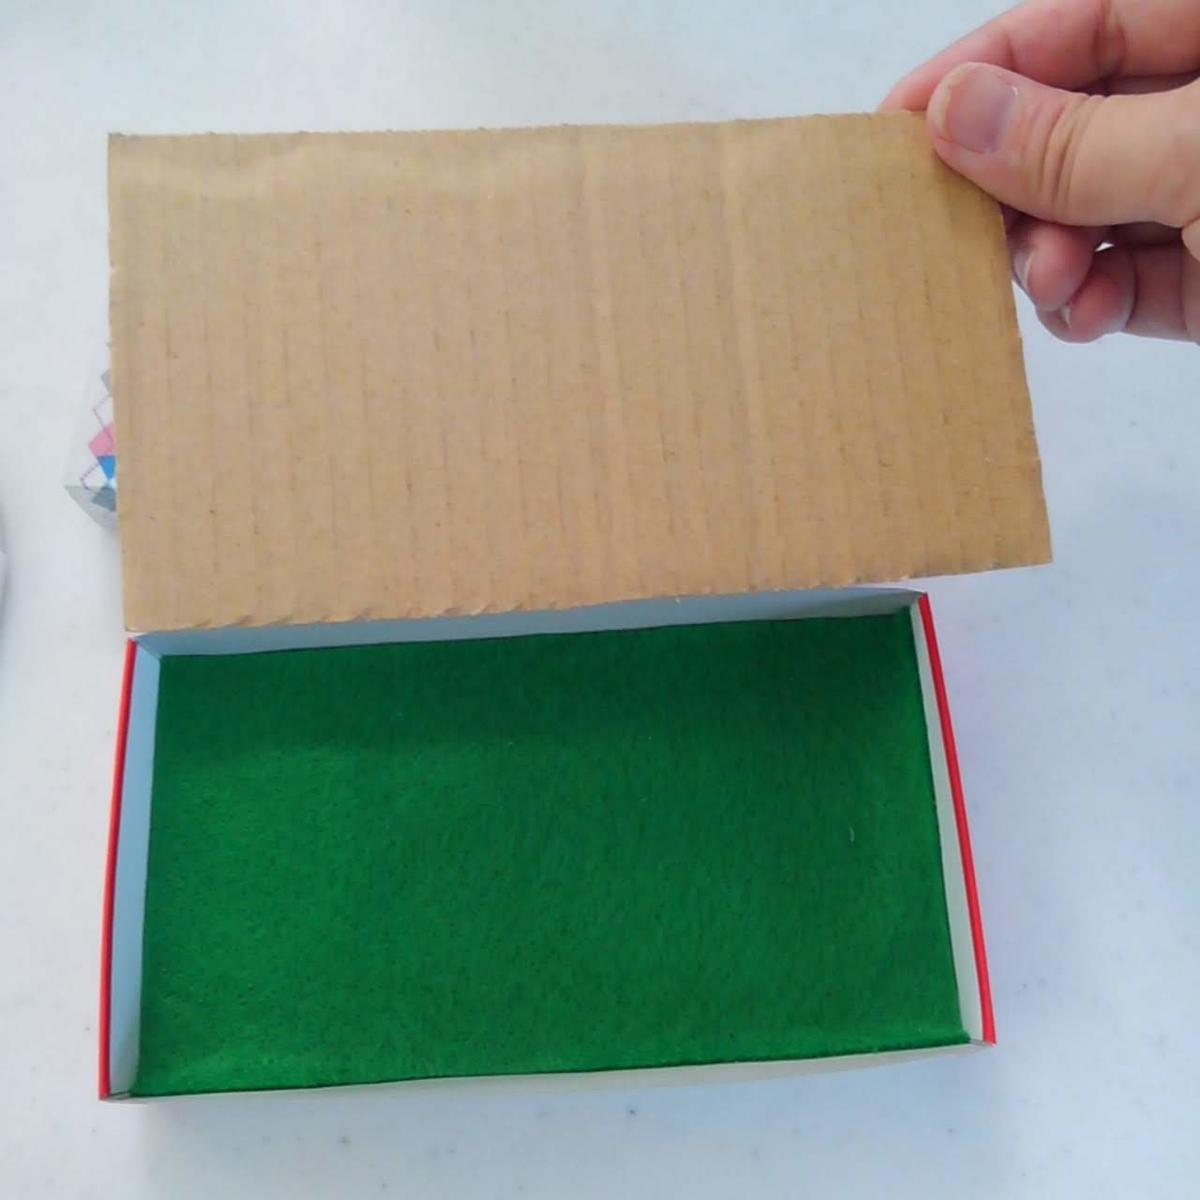 0円工作 ジグソーパズル チョコレートの空き箱工作 アンパンマンおもちゃ